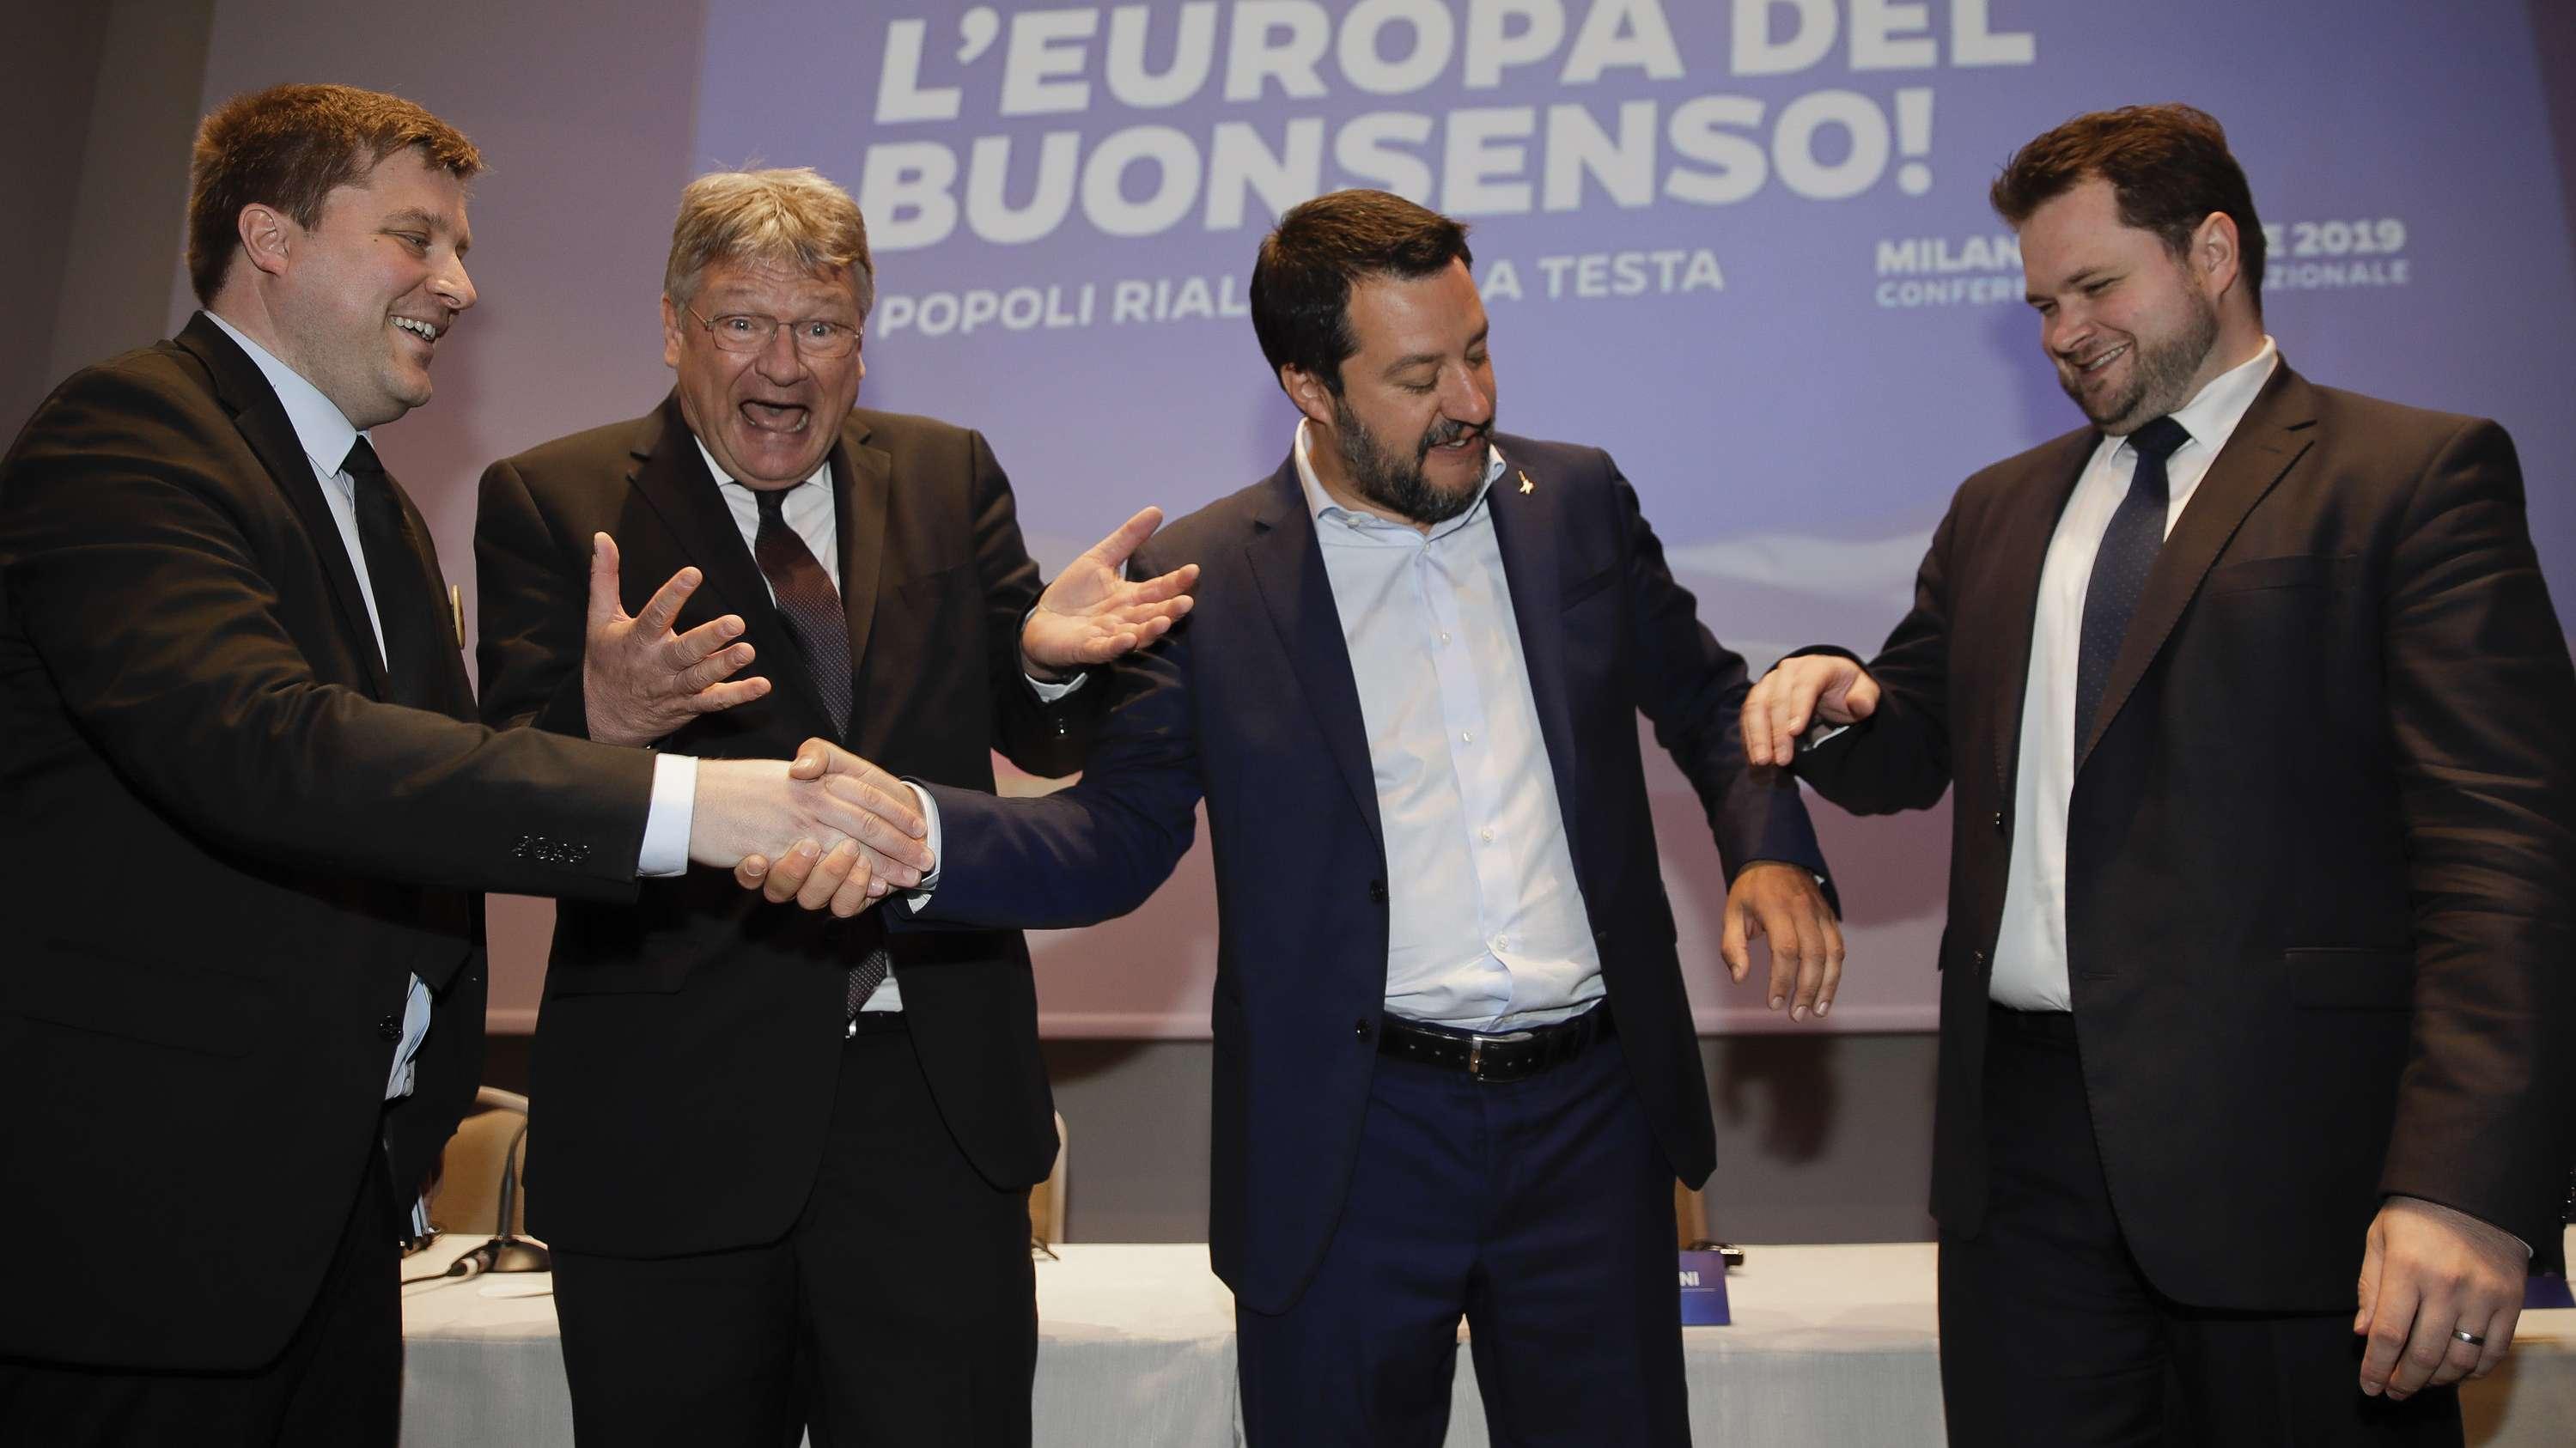 """Gruppenbild mit dem Europa-Parlamentarier Olli Kotro (""""Die Finnen""""), AfD-Chef Jörg Meuthen, Italiens Innenminister Matteo Salvini und Anders Vistisen, Mitglied des Europäischen Parlaments für die Dänische Volkspartei"""